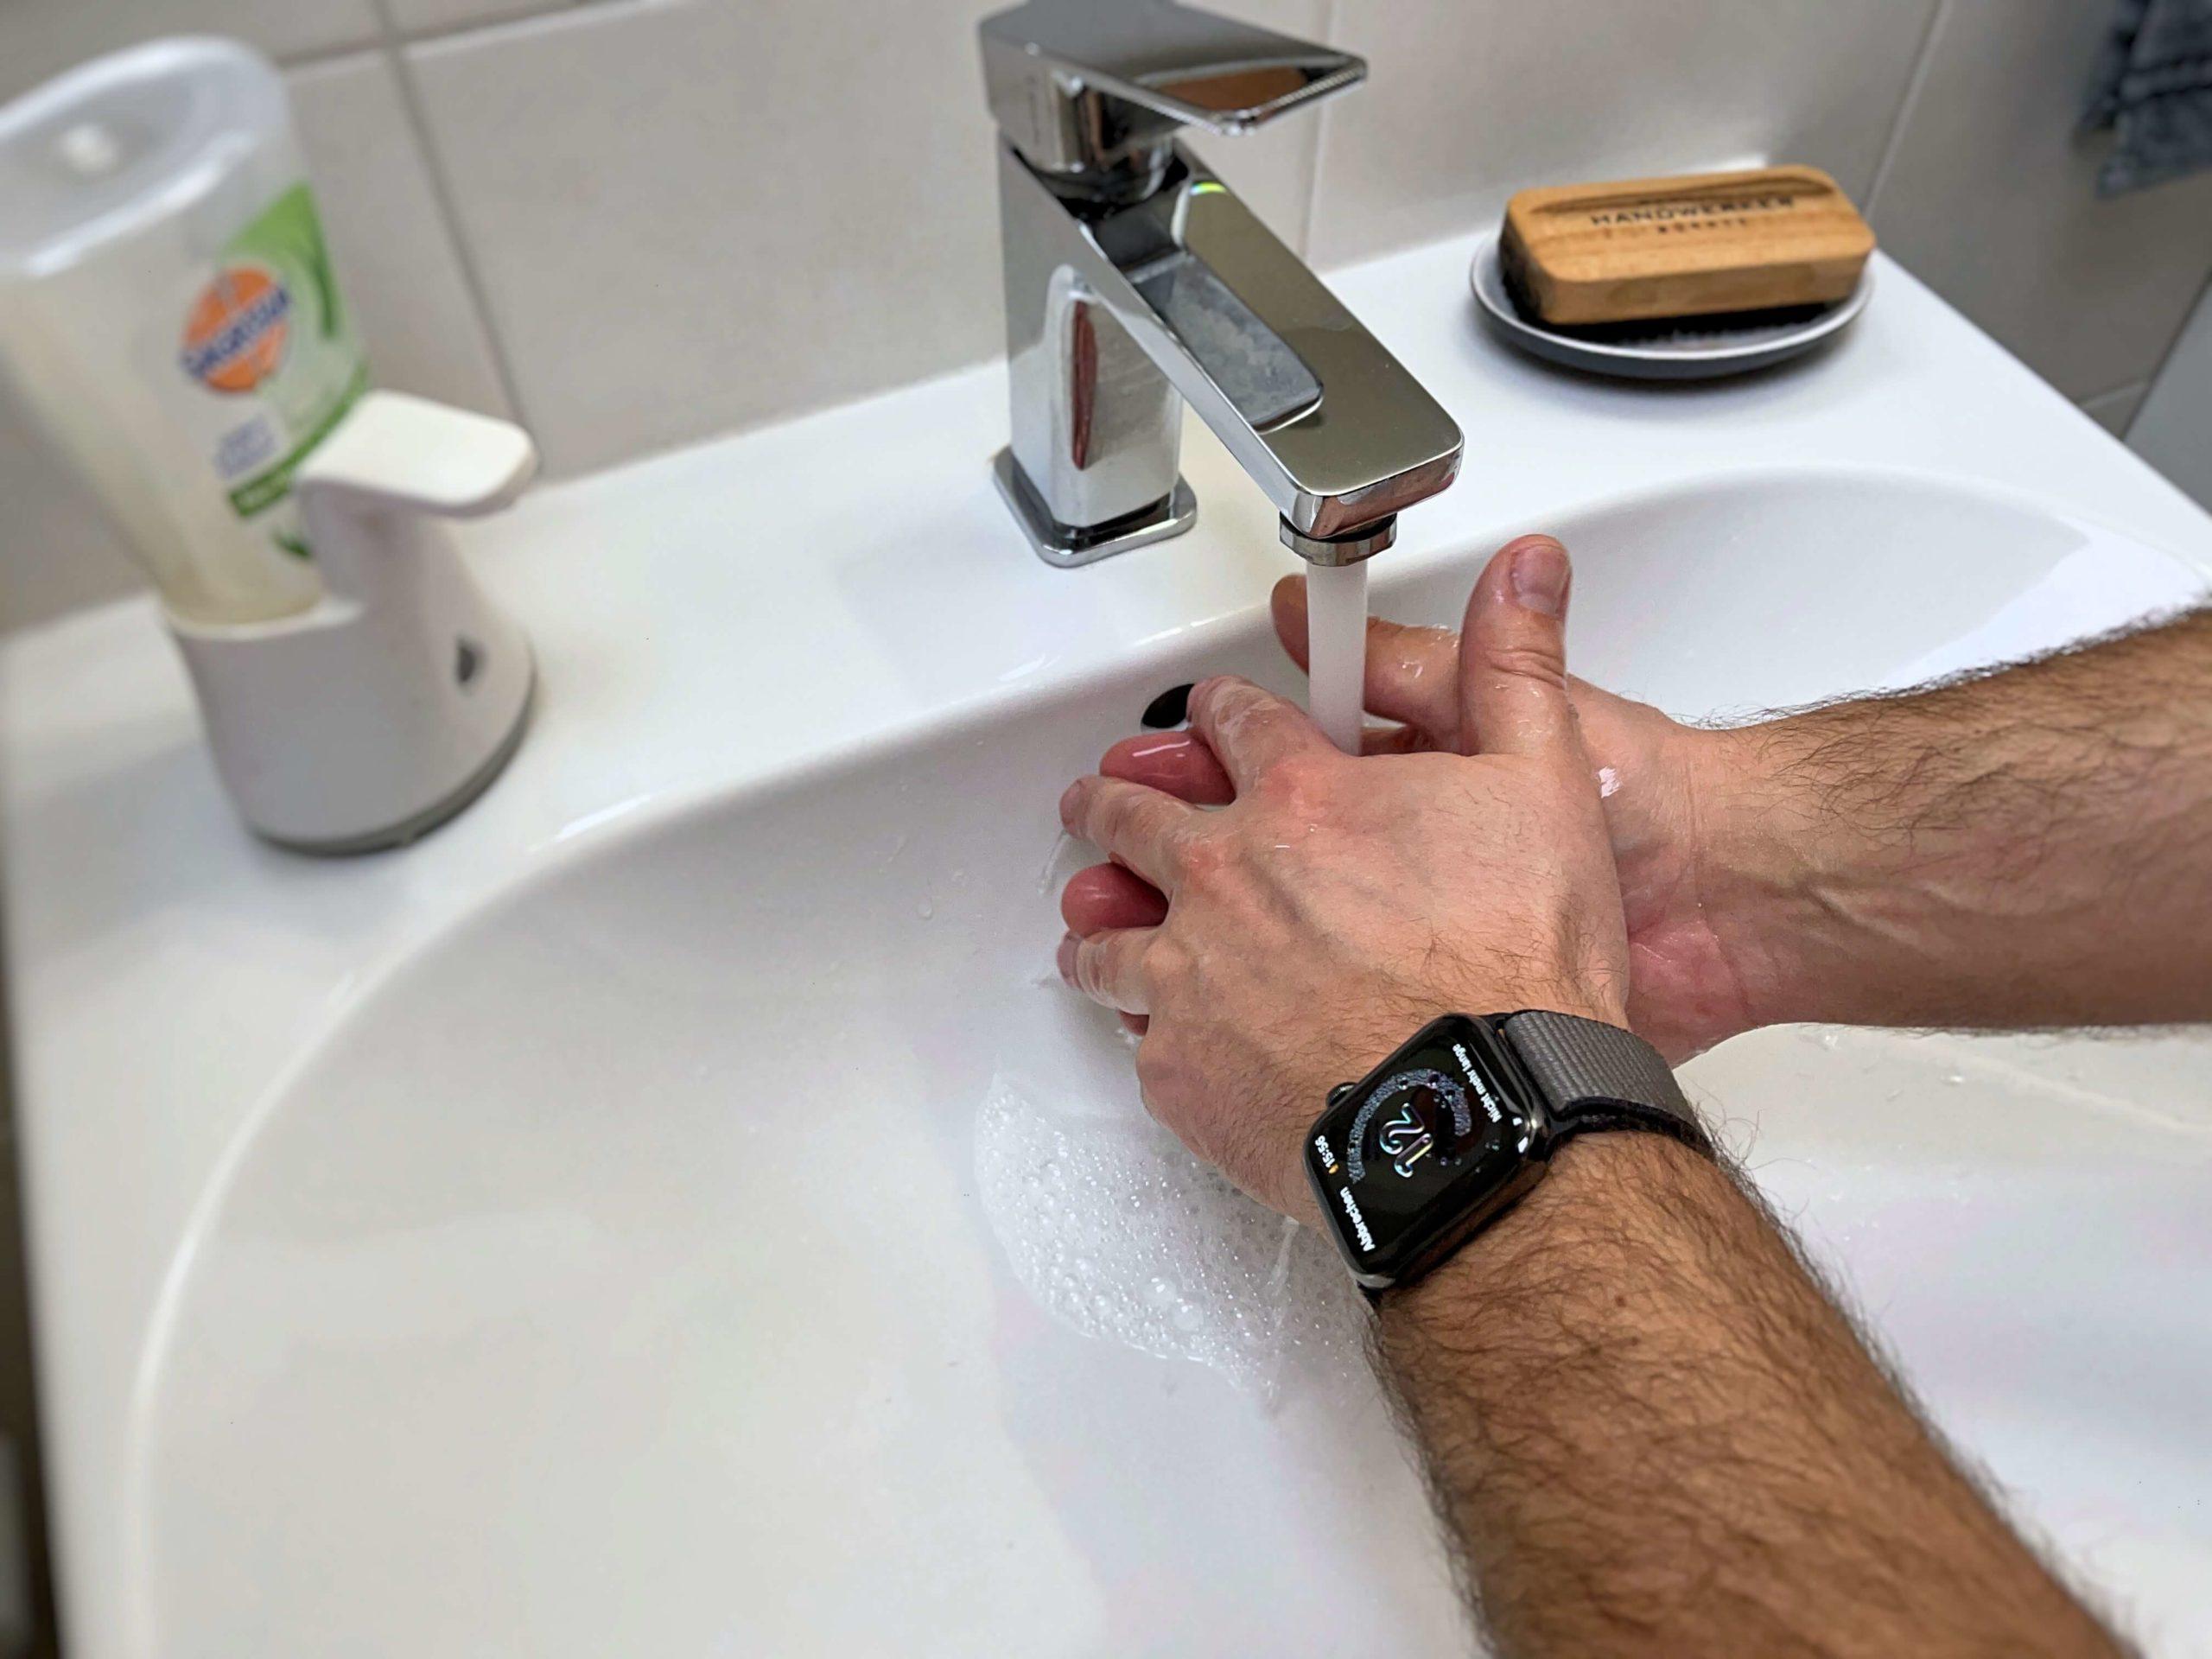 Haendewaschen-mit-der-Apple-Watch-scaled Händewaschen mit der Apple Watch